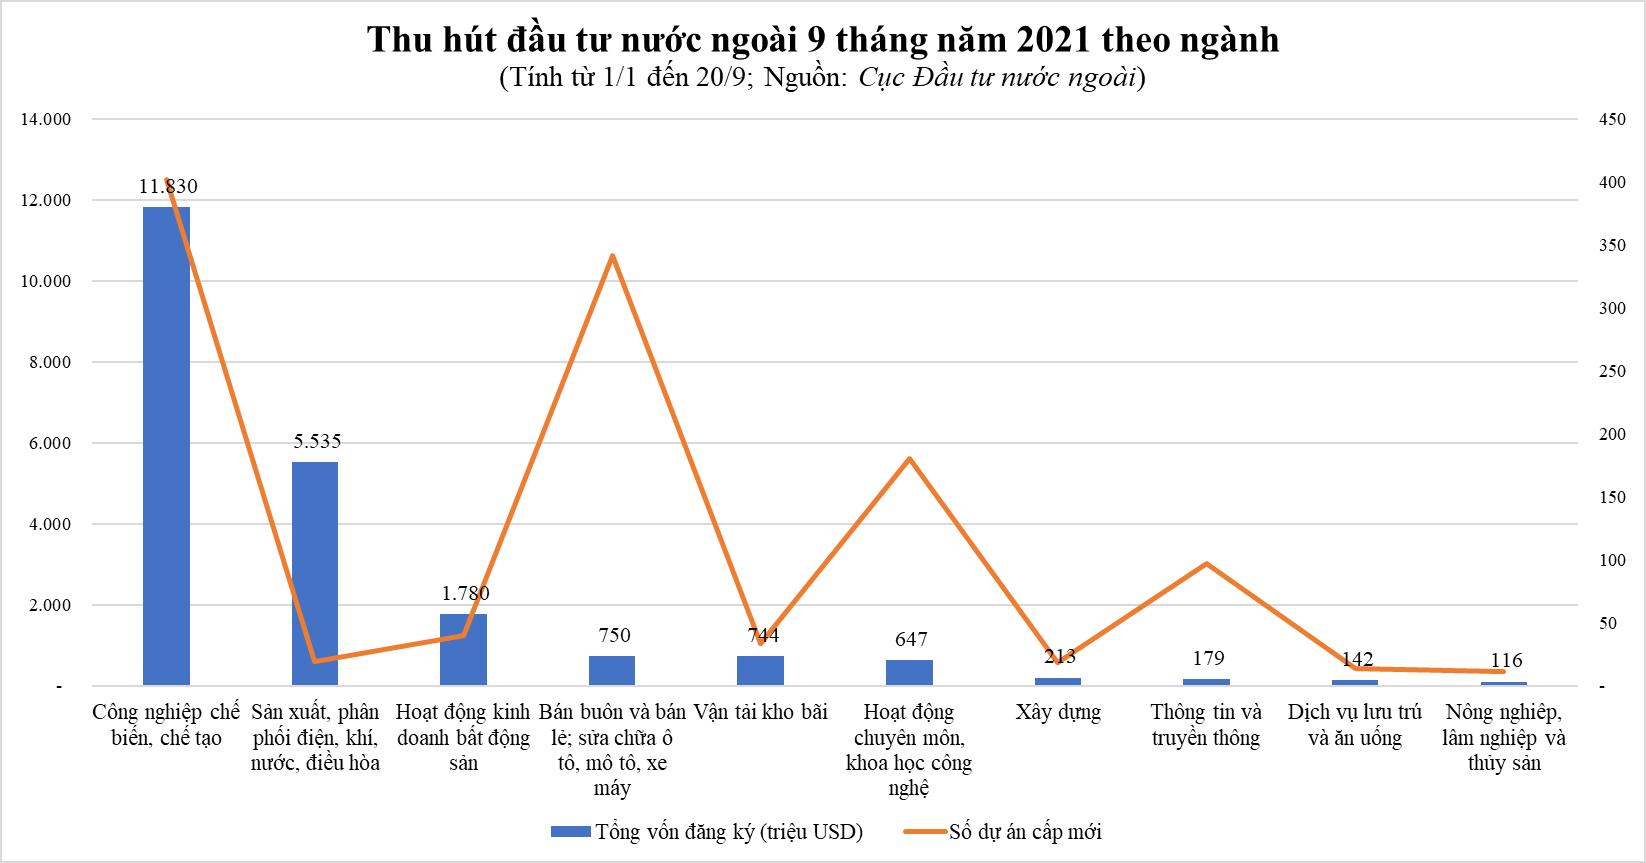 Cục Đầu tư nước ngoài cảnh báo nguy cơ vốn FDI dịch chuyển khỏi Việt Nam nếu đóng cửa nhà máy kéo dài - Ảnh 2.